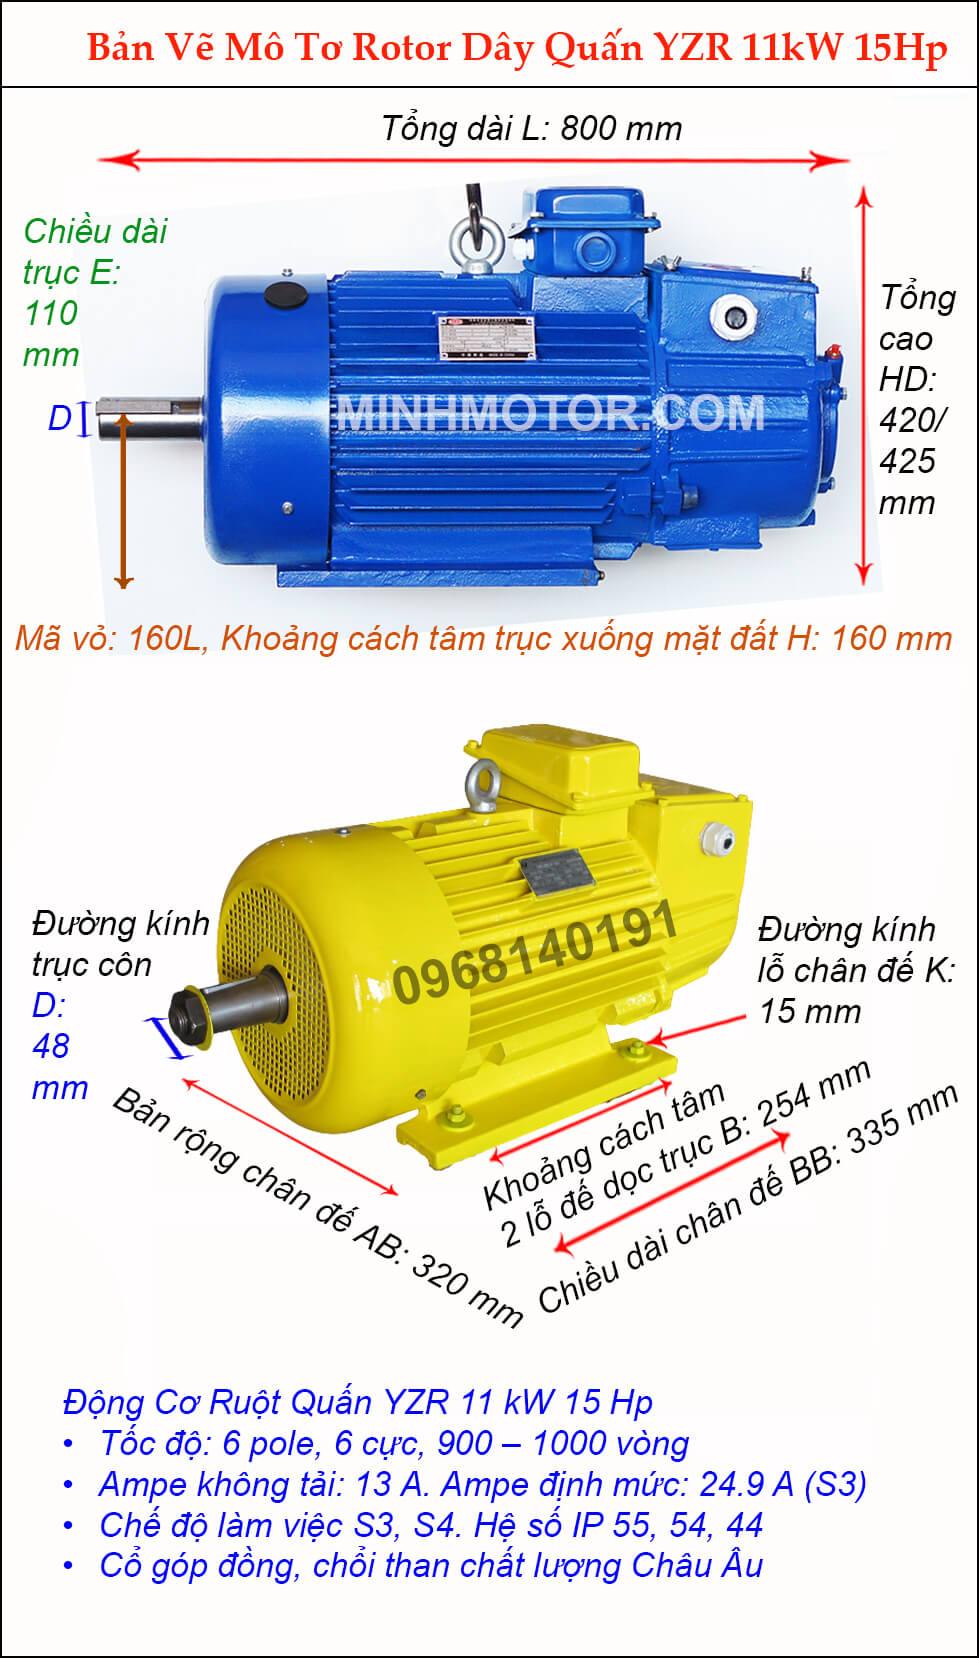 Thông số bản vẽ motor cầu trục 11kw 15hp